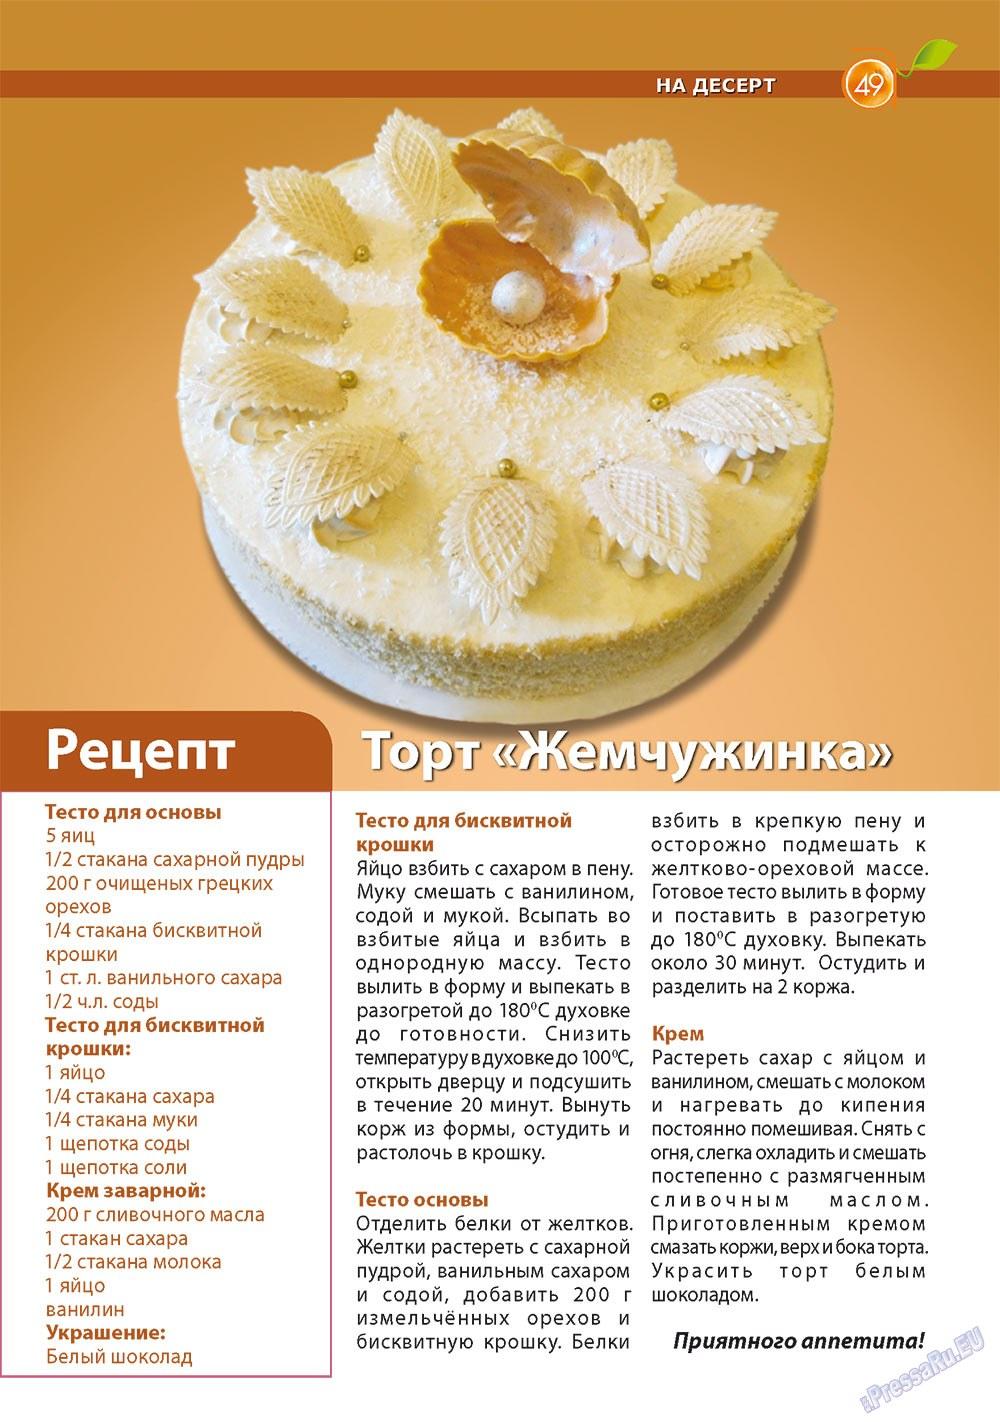 Апельсин (журнал). 2011 год, номер 27, стр. 49